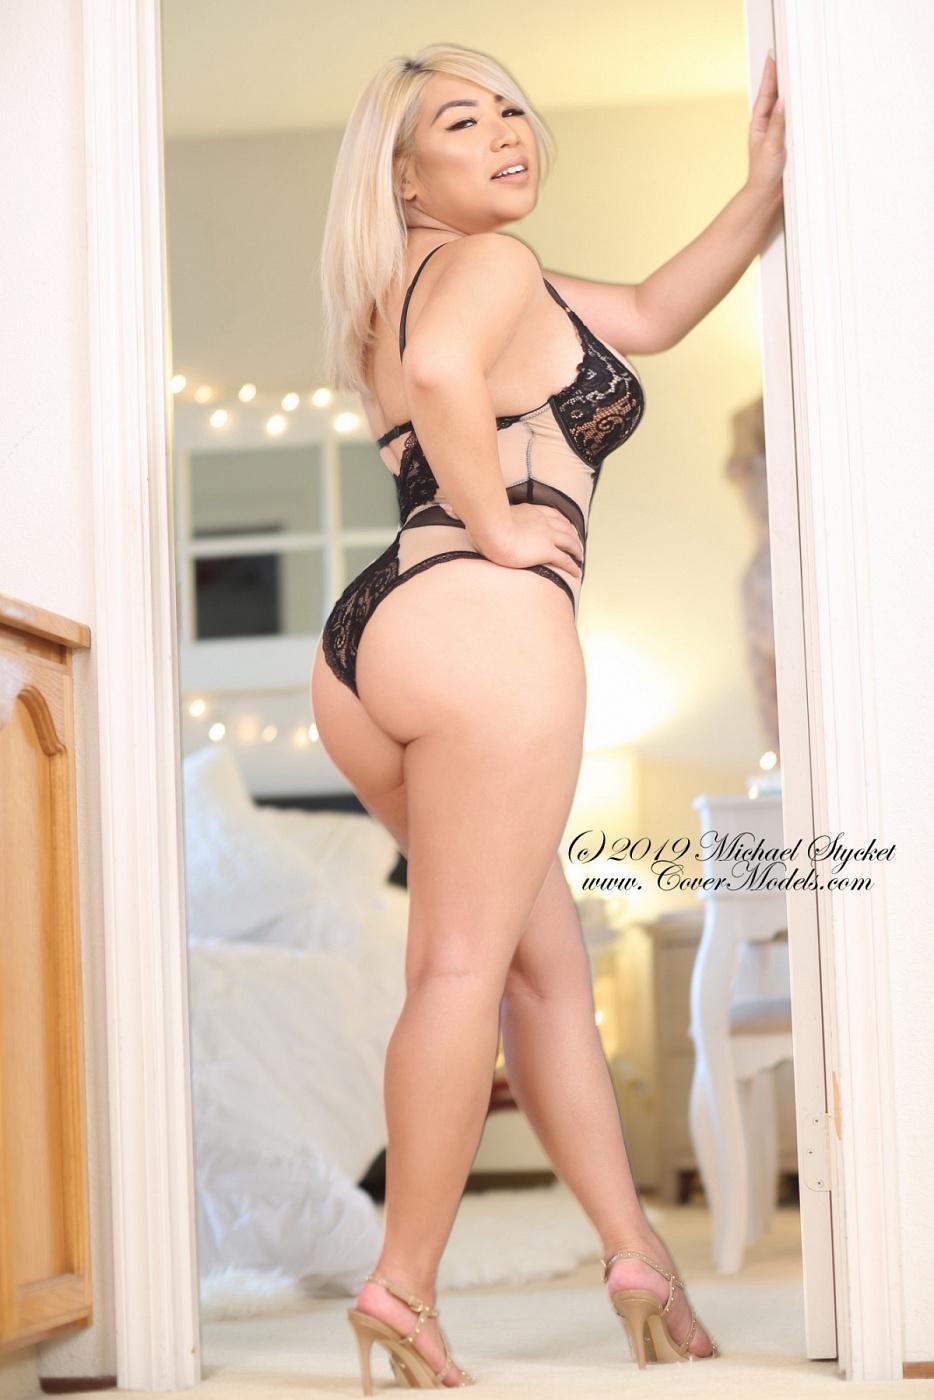 Stephanie Manalo